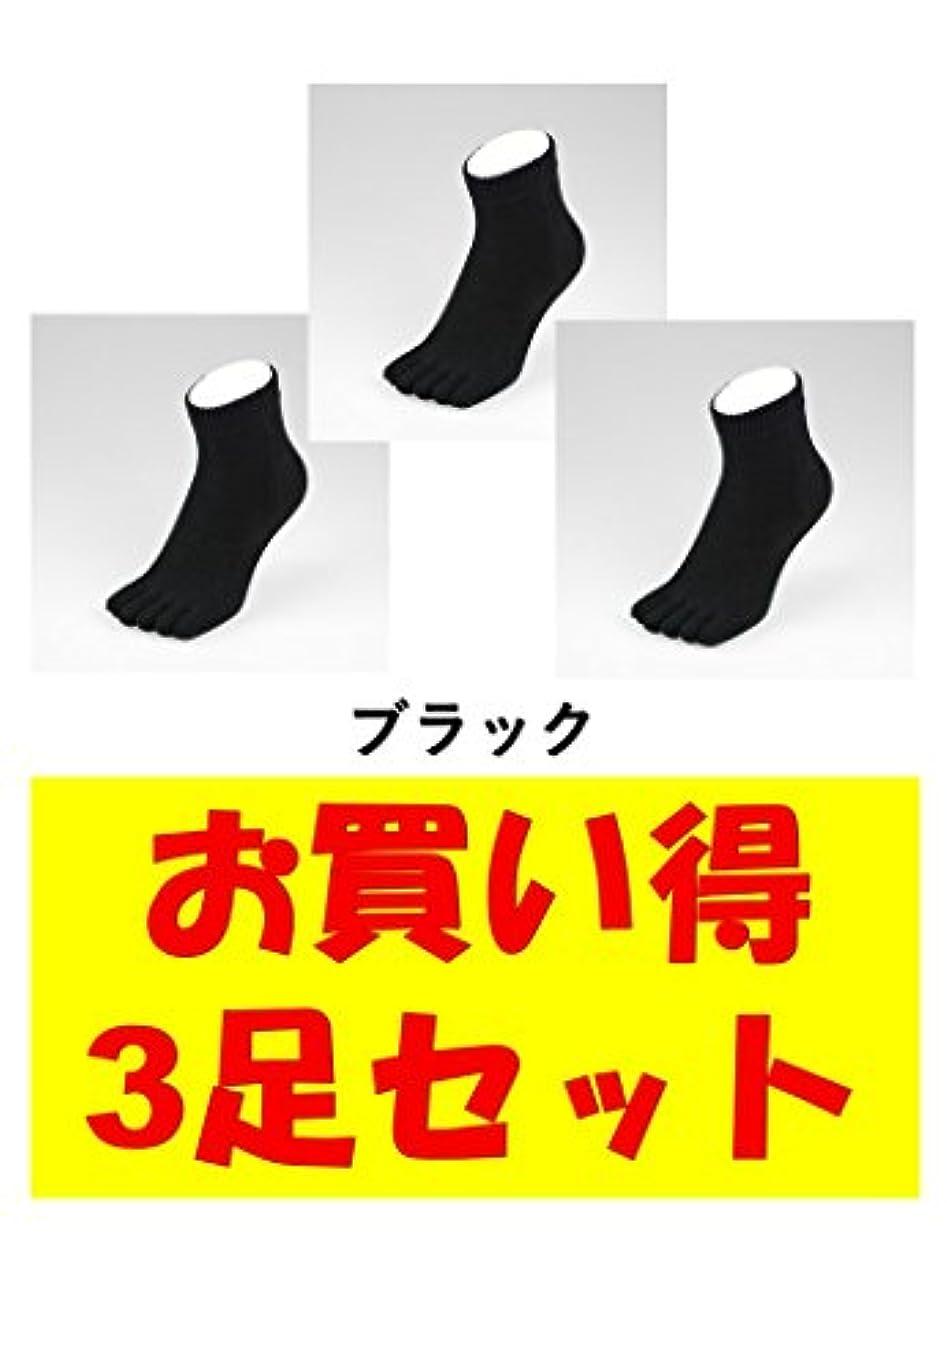 空虚大宇宙ブラシお買い得3足セット 5本指 ゆびのばソックス Neo EVE(イヴ) ブラック iサイズ(23.5cm - 25.5cm) YSNEVE-BLK